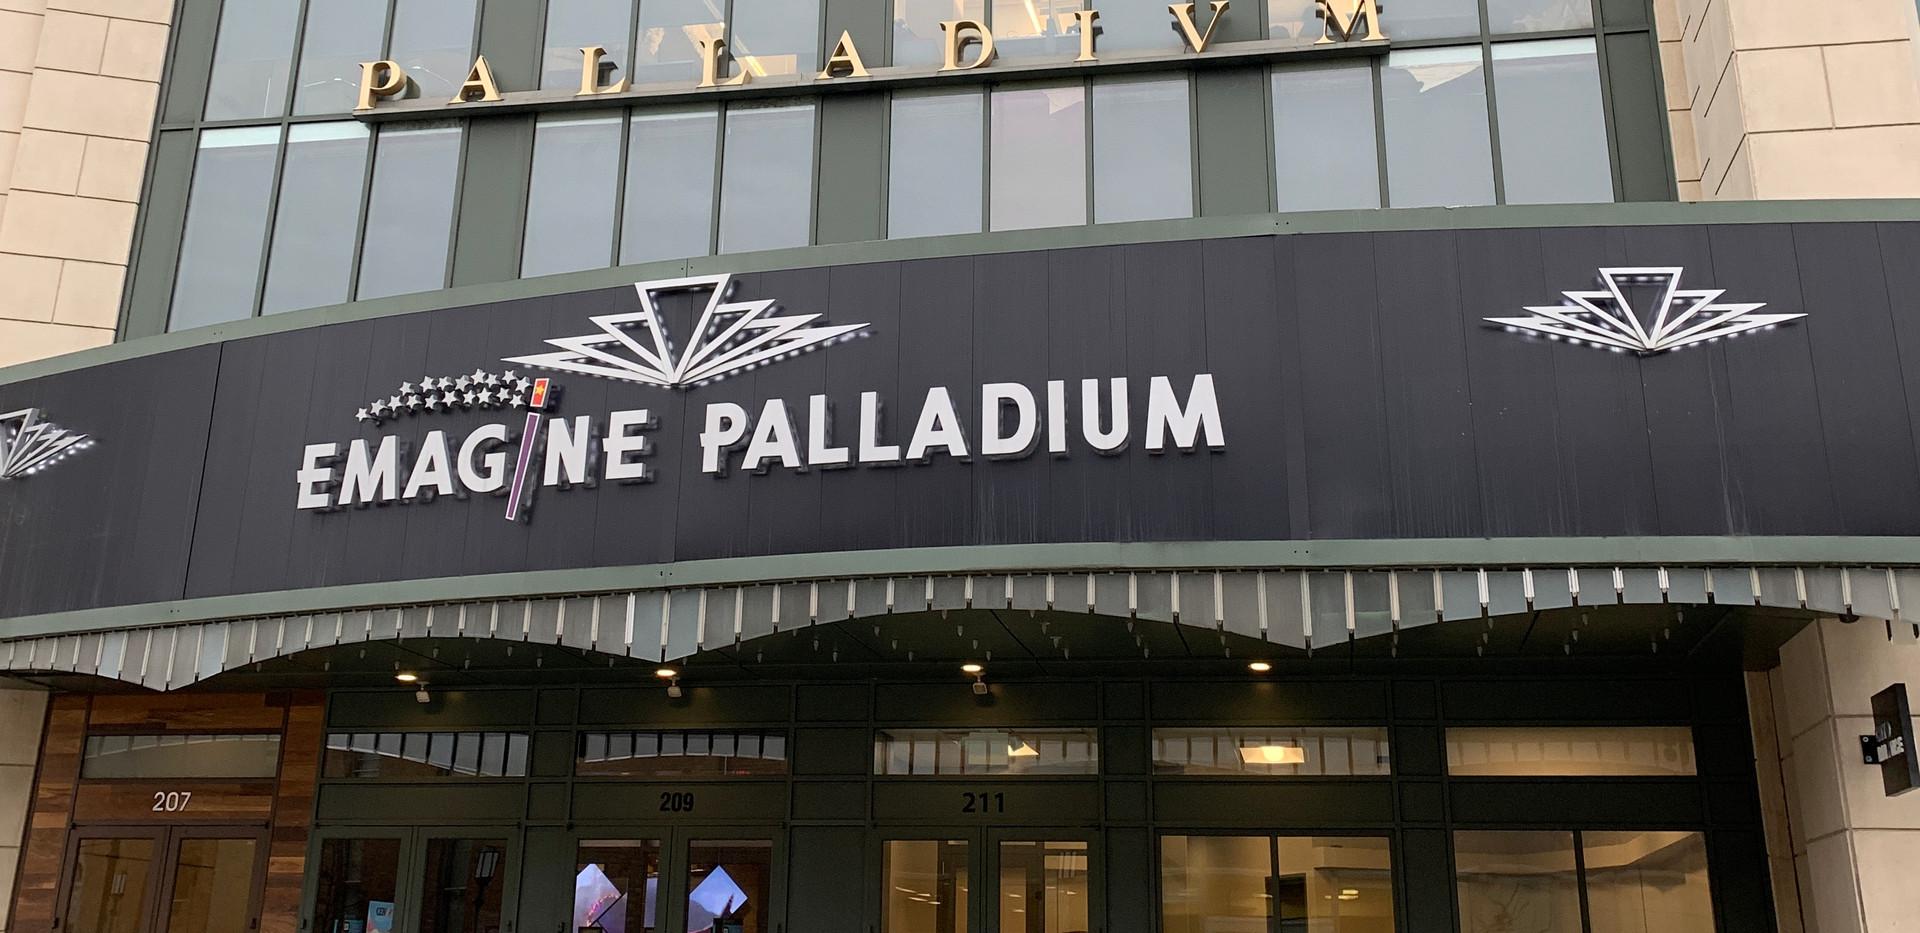 Emagine Palladium